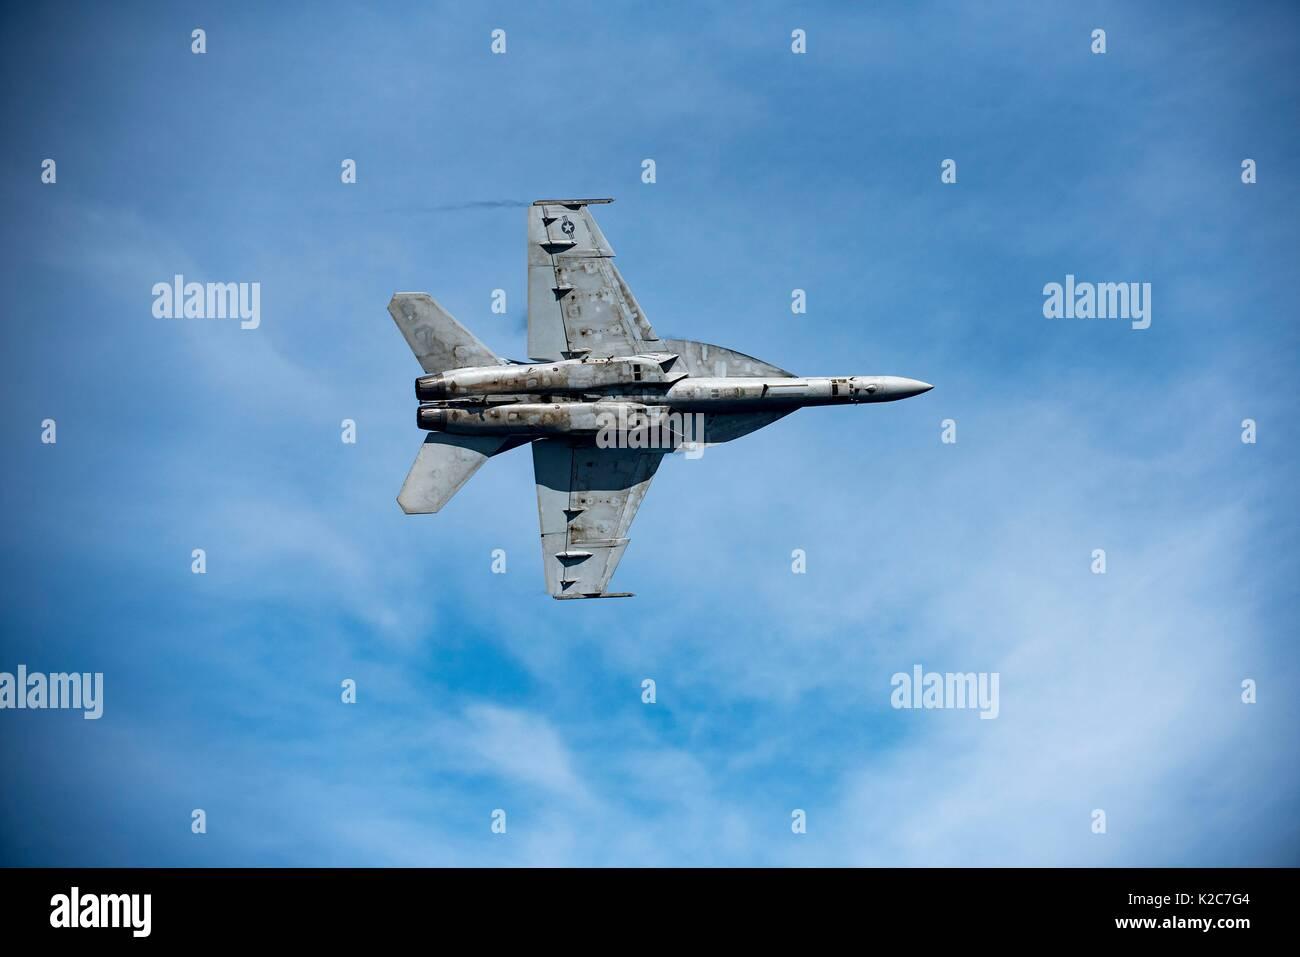 A U.S. Navy F/A-18E Super Hornet jet fighter aircraft flies over the U.S. Navy Nimitz-class aircraft carrier USS Stock Photo